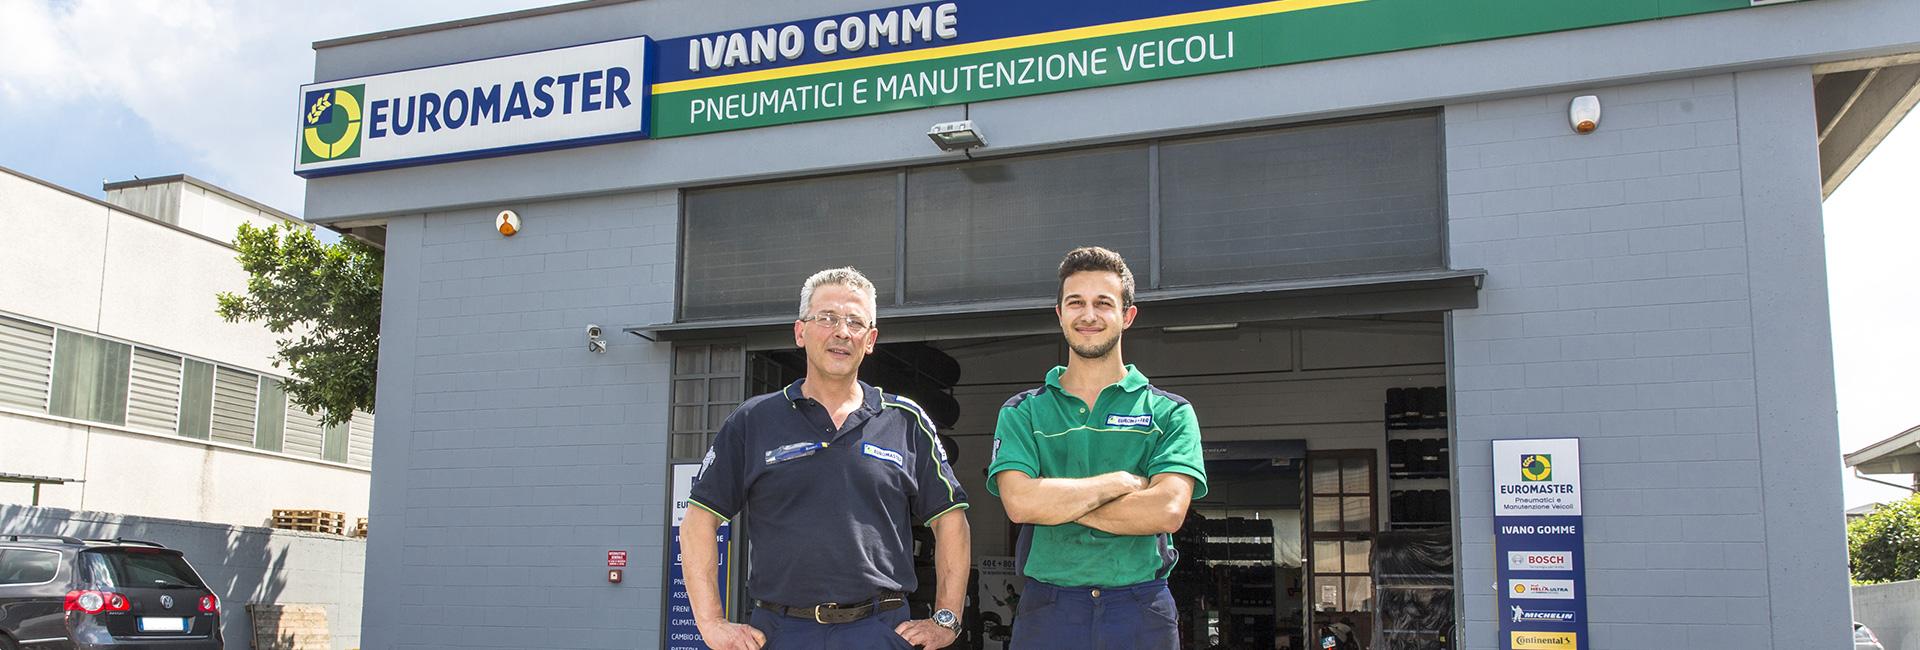 Ivano Gomme Carate Brianza